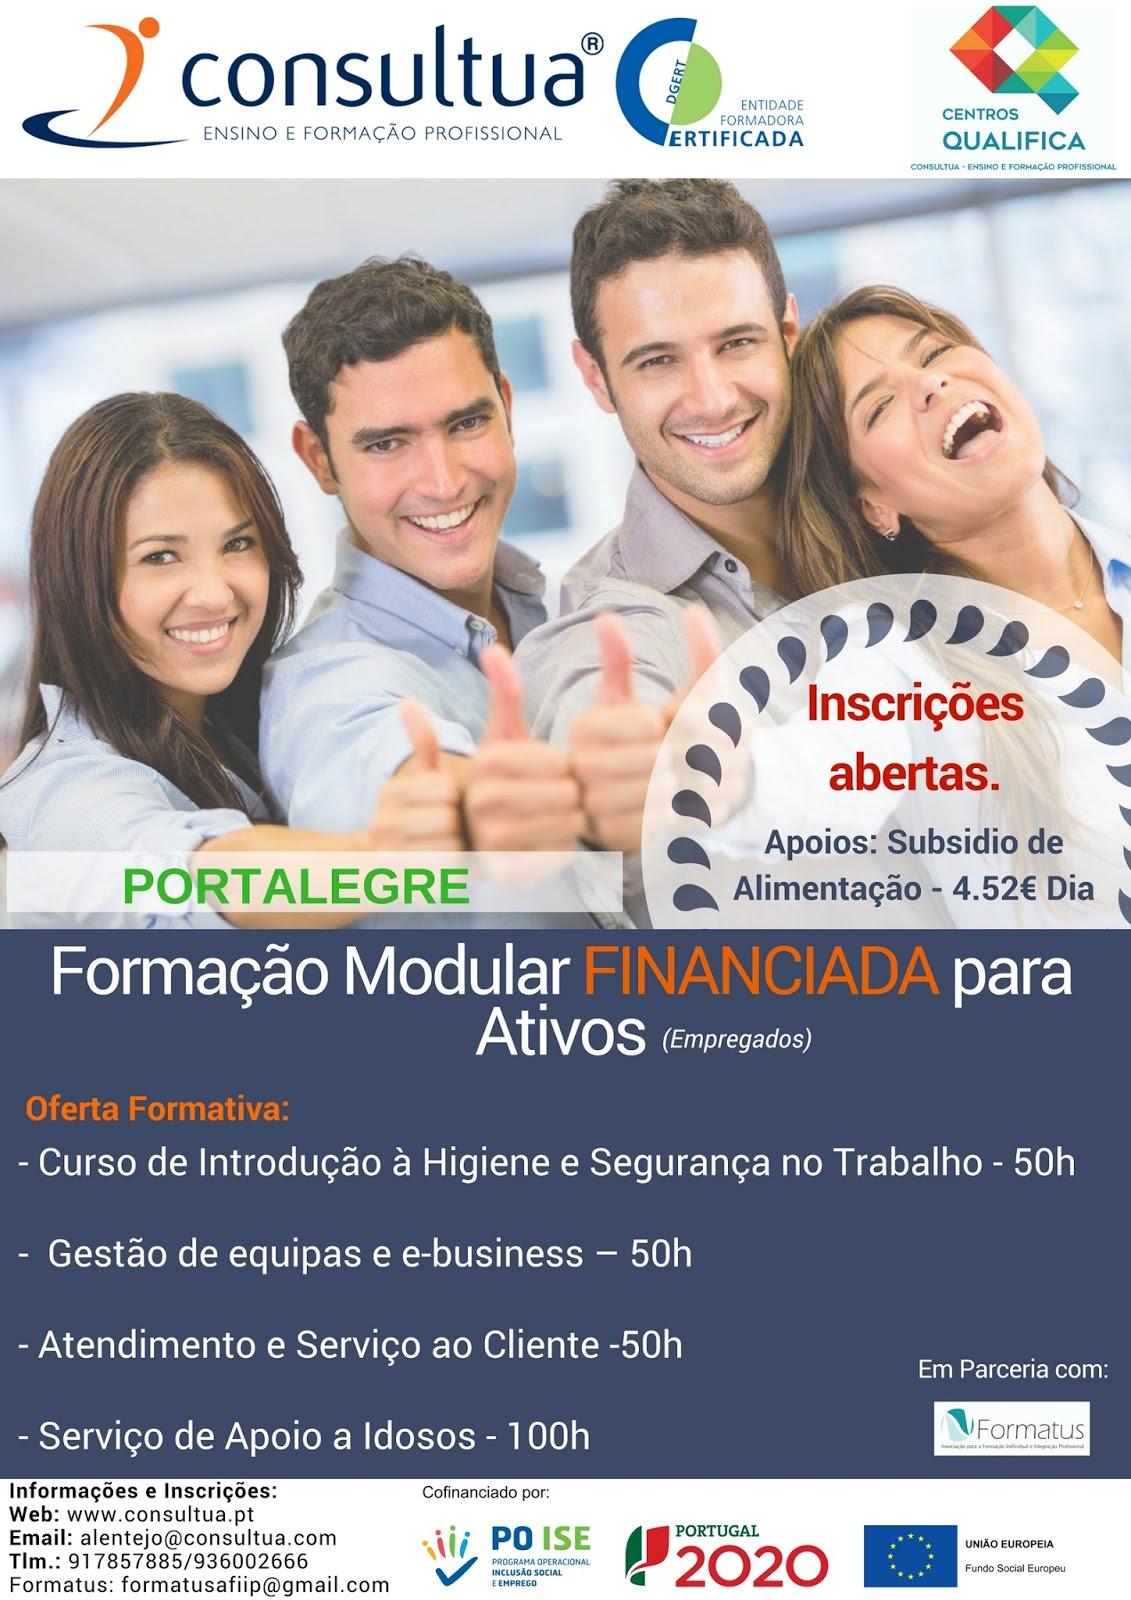 Formação financiada para ativos em Portalegre